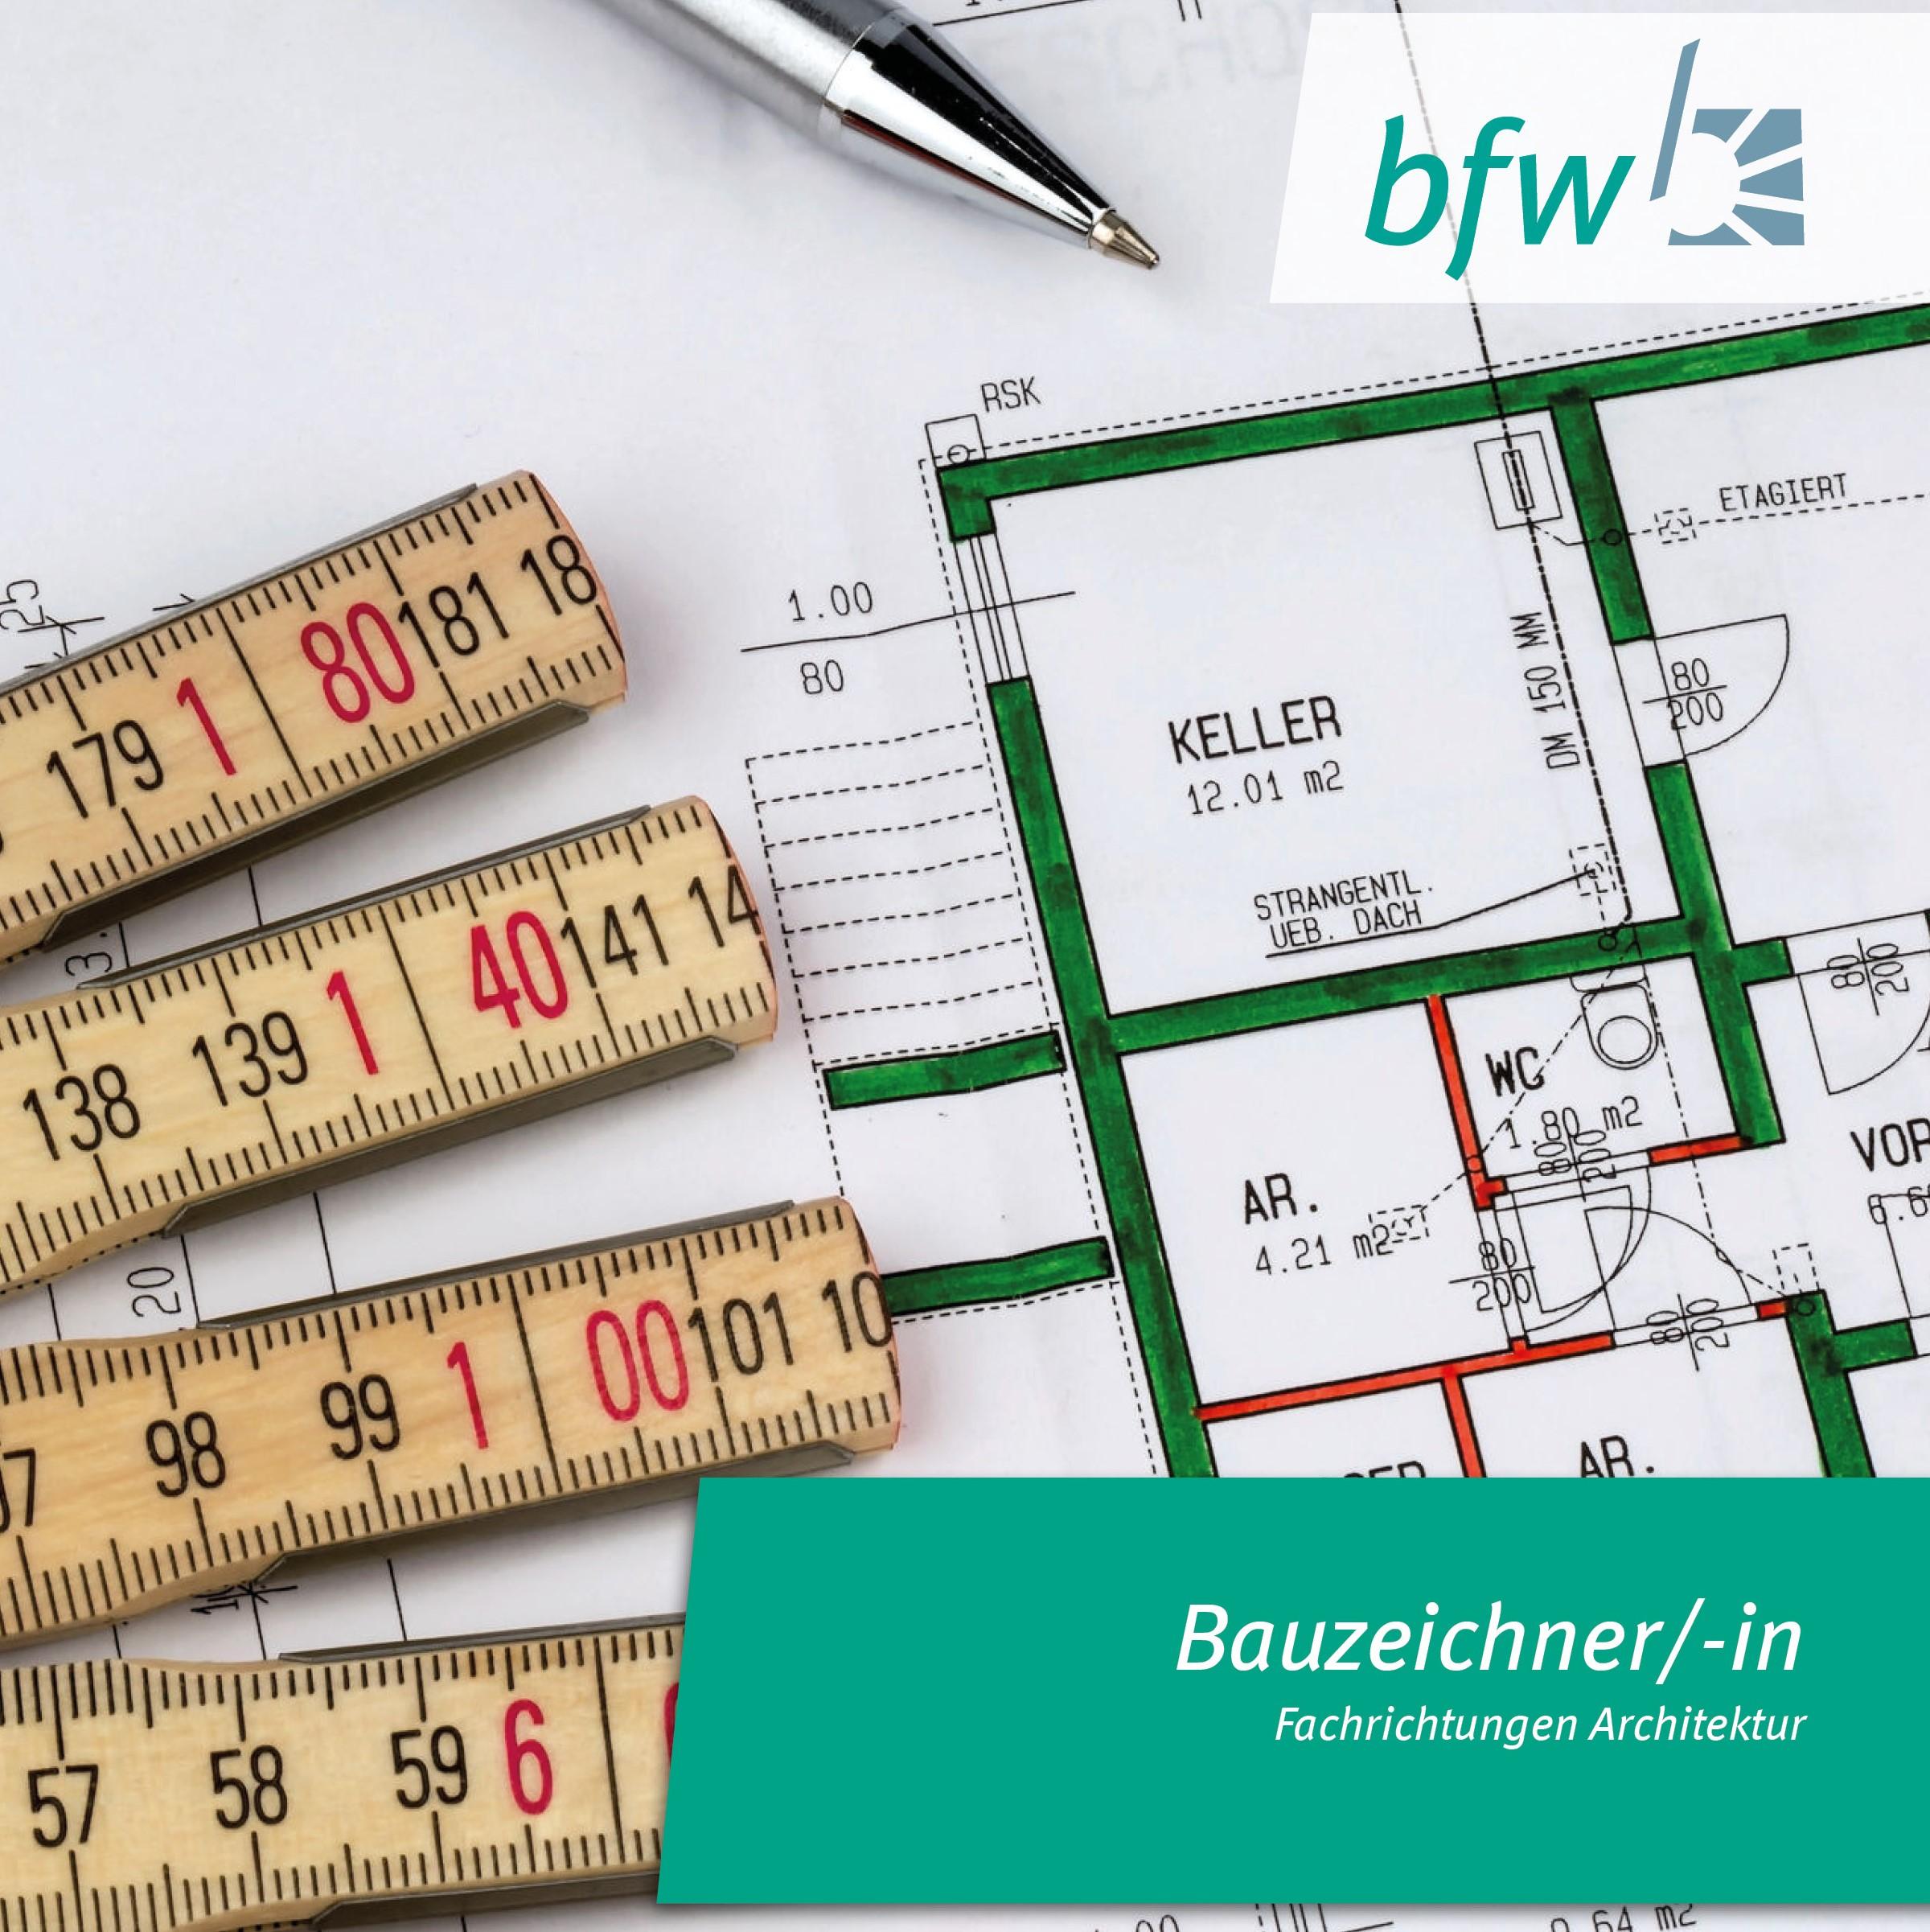 Bauzeichner/-in (Fachrichtung Architektur) Image